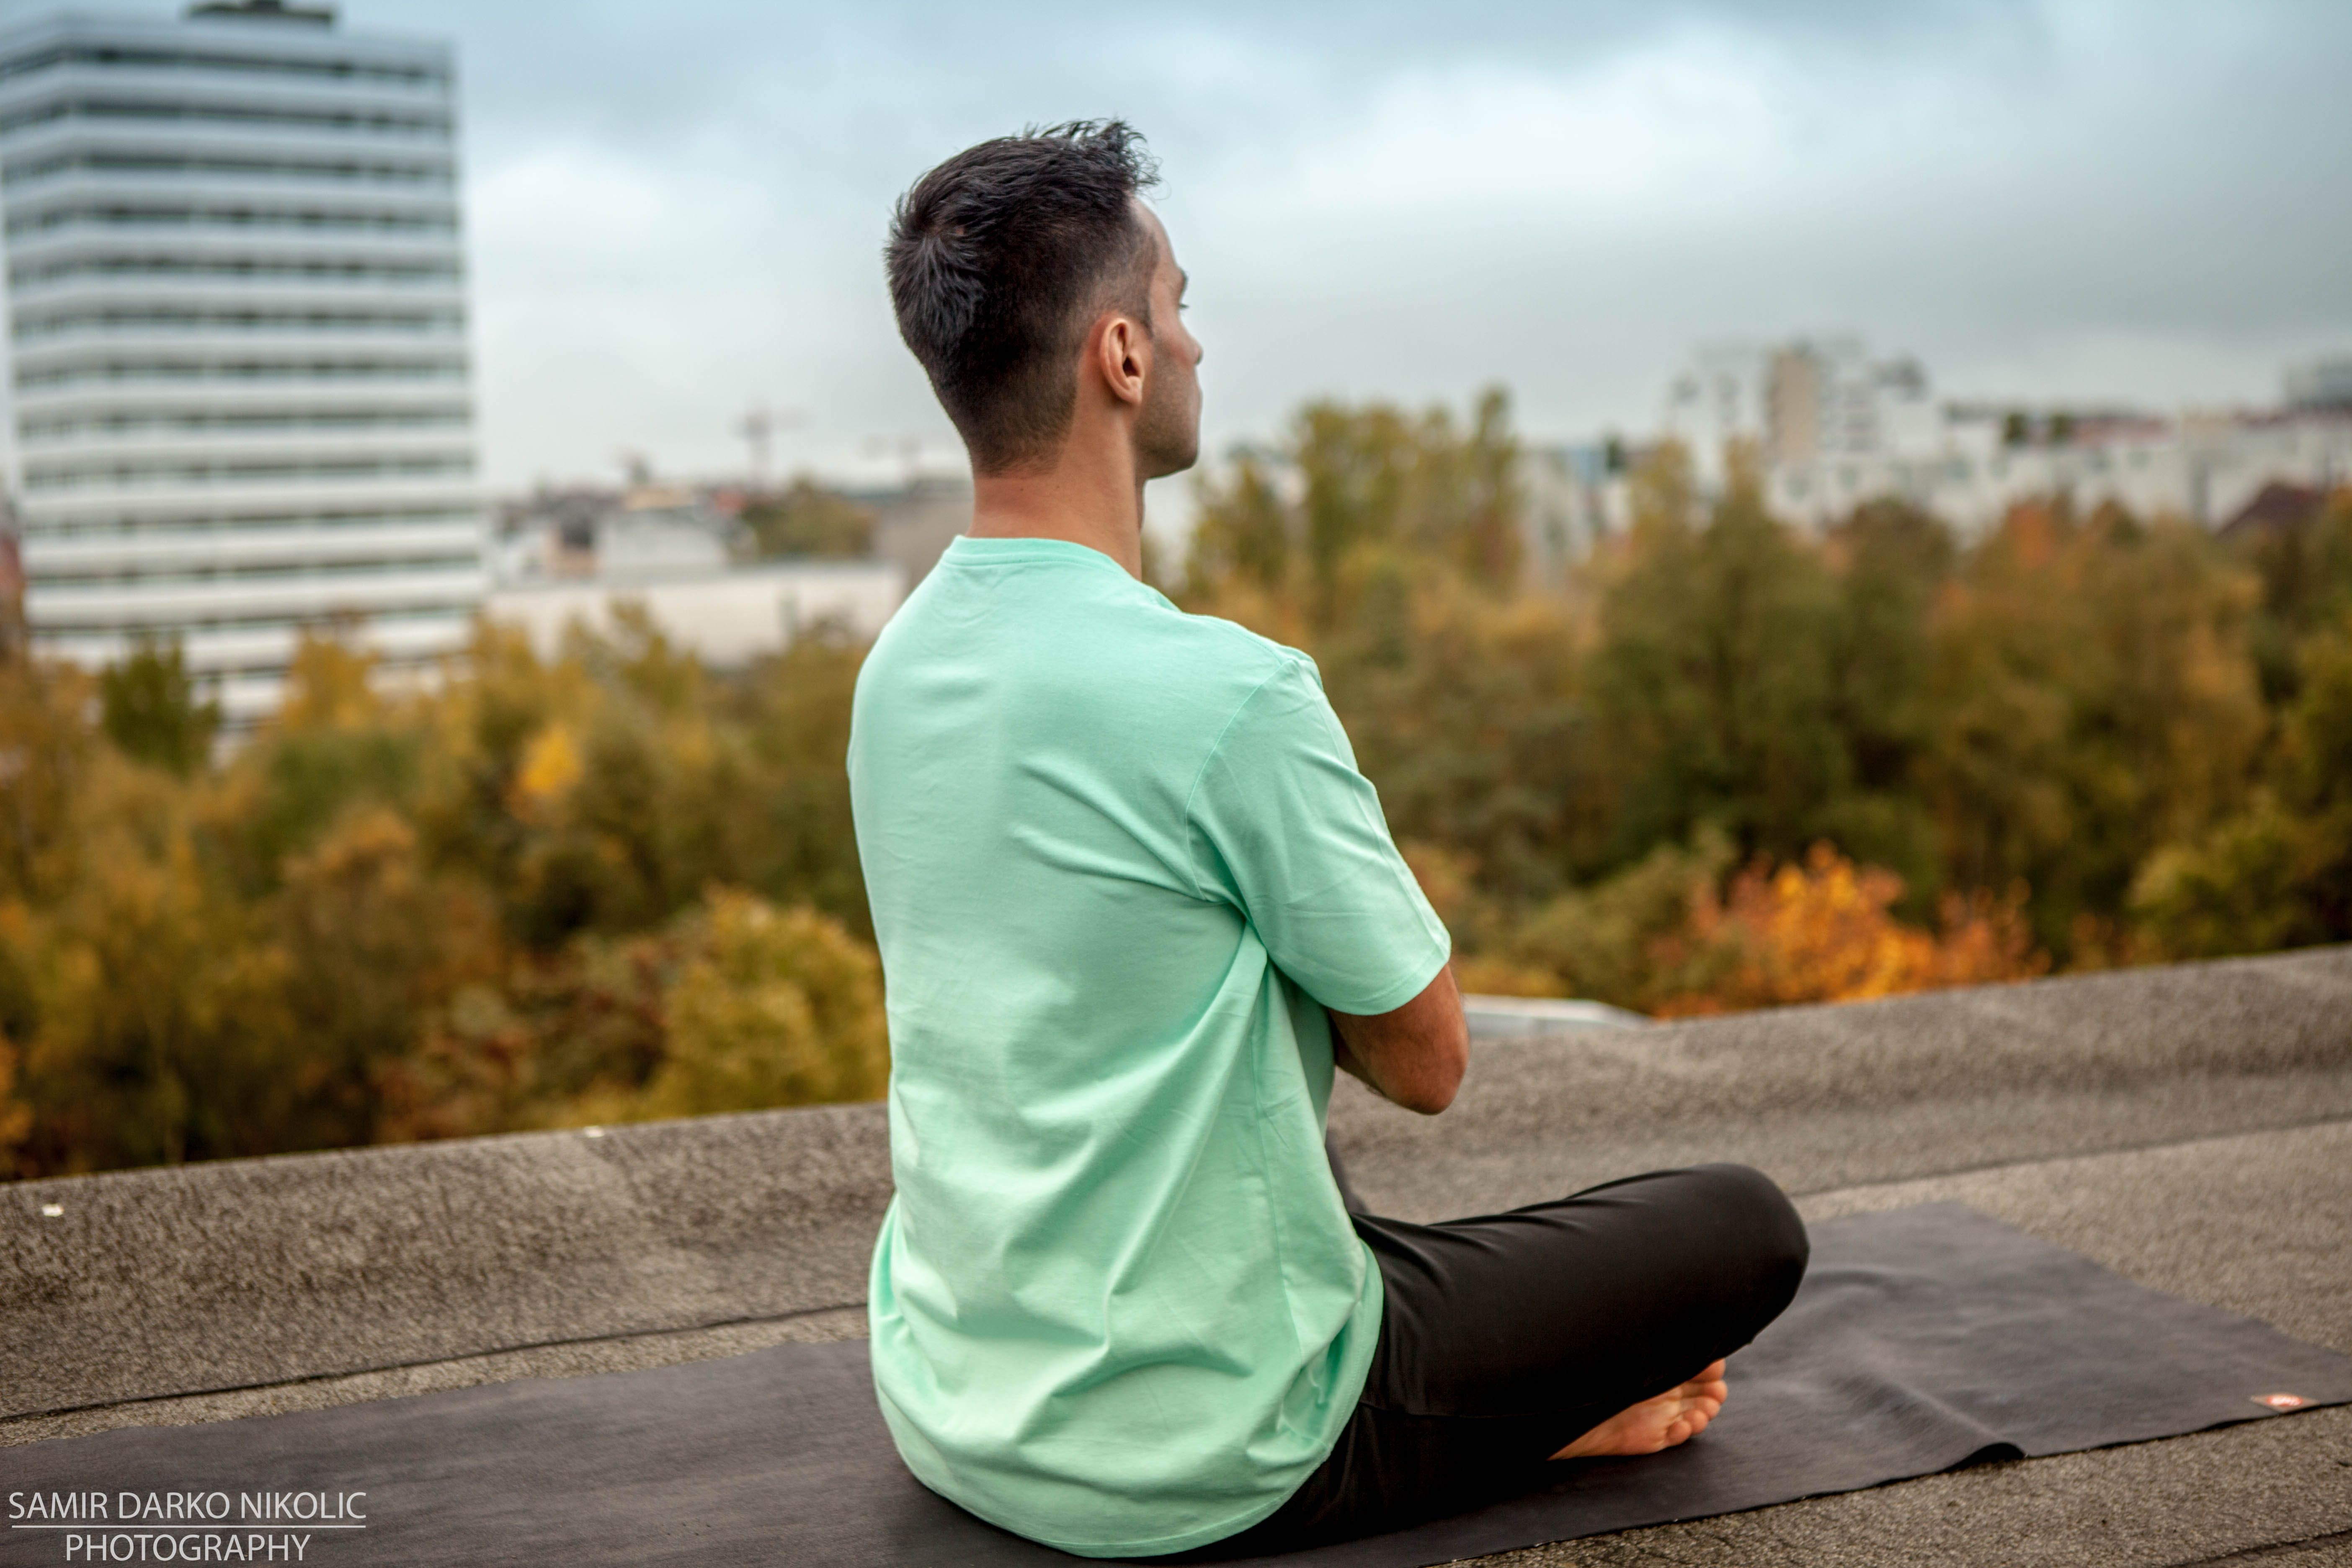 """""""Die Arbeit an der eigenen Person - die Beschäftigung mit seinem eigenen Körper - seinen Gedanken und Emotionen. Diese innere Arbeit mit sich selbst - und an dem was ist und nicht an dem - was sein sollte - das ist Yoga! Jede Therapieform - in der man sich ernsthaft mit sich selbst beschäftigt - in der Du etwas über dich selbst herausfindest verspricht ein hohes maß an Selbsterkenntnis und an Heilung."""" Vielen Dank für das Lesen dieser Wissensvermittlung! Inspiriert heute von - """"Peter Orban""""…"""